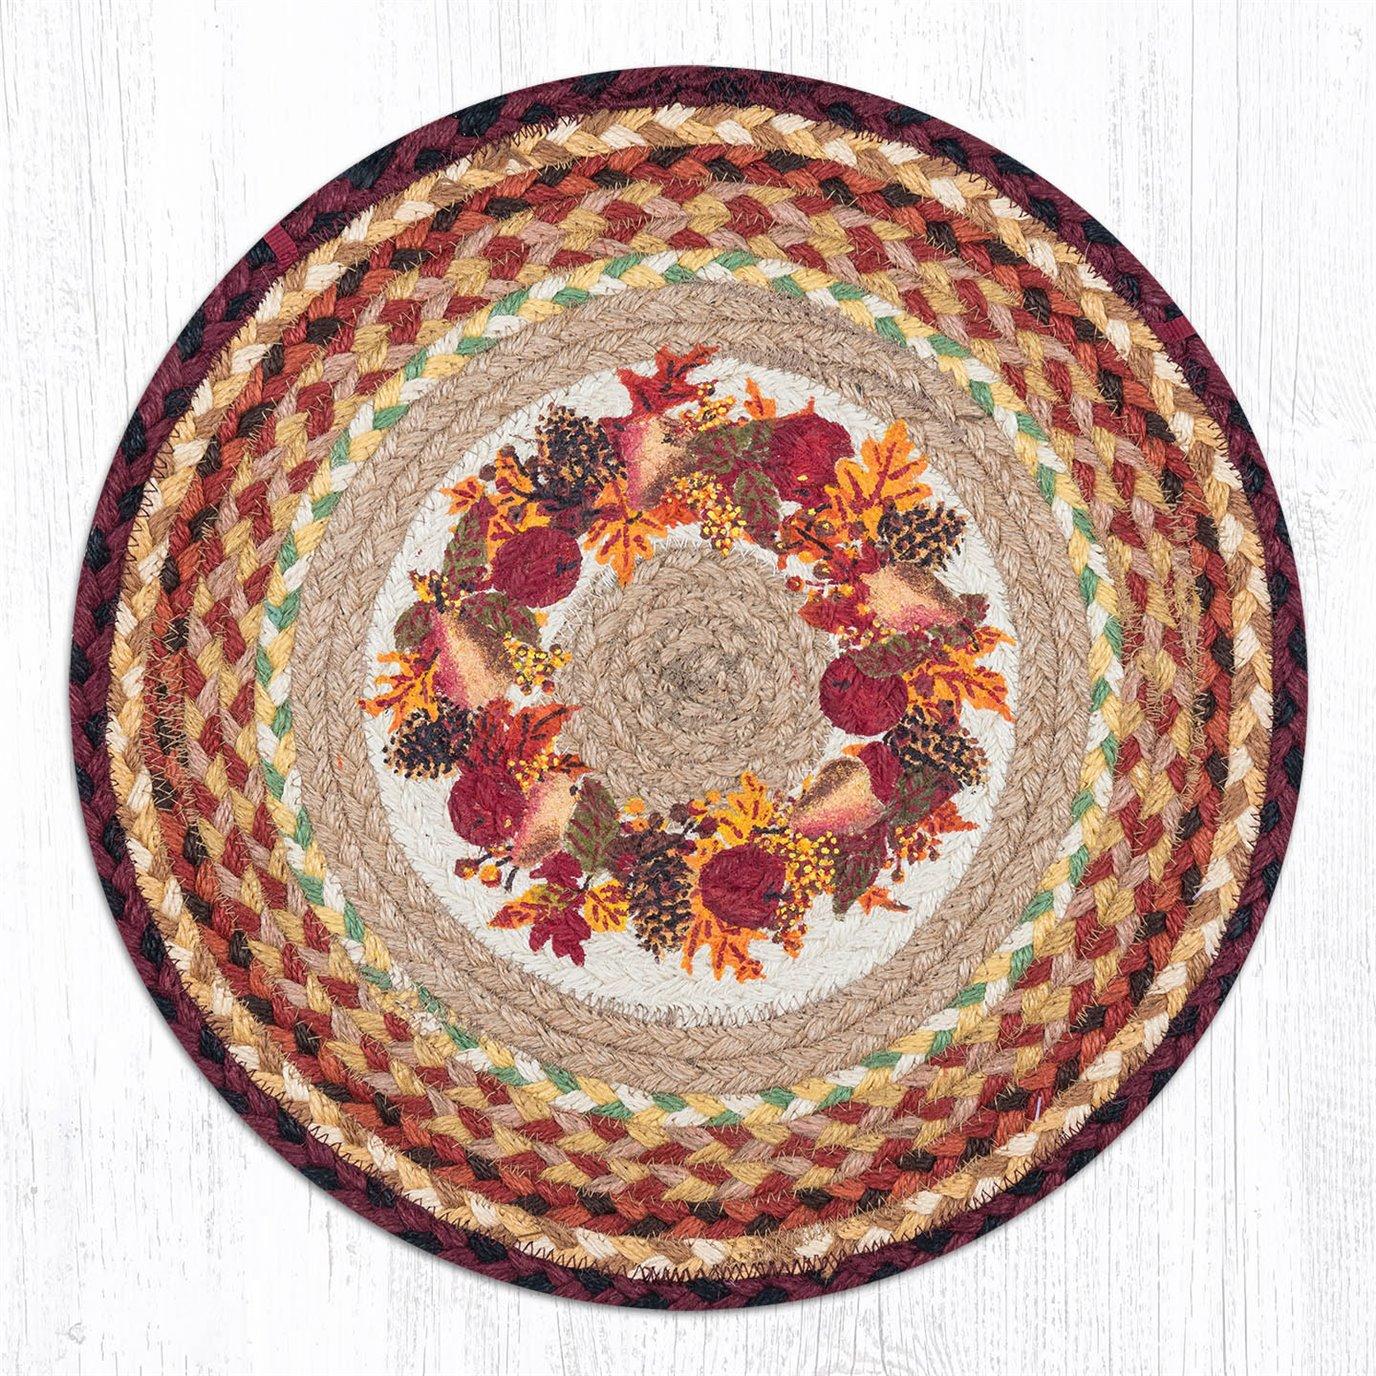 """Autumn Wreath Round Braided Chair Pad 15.5""""x15.5"""""""